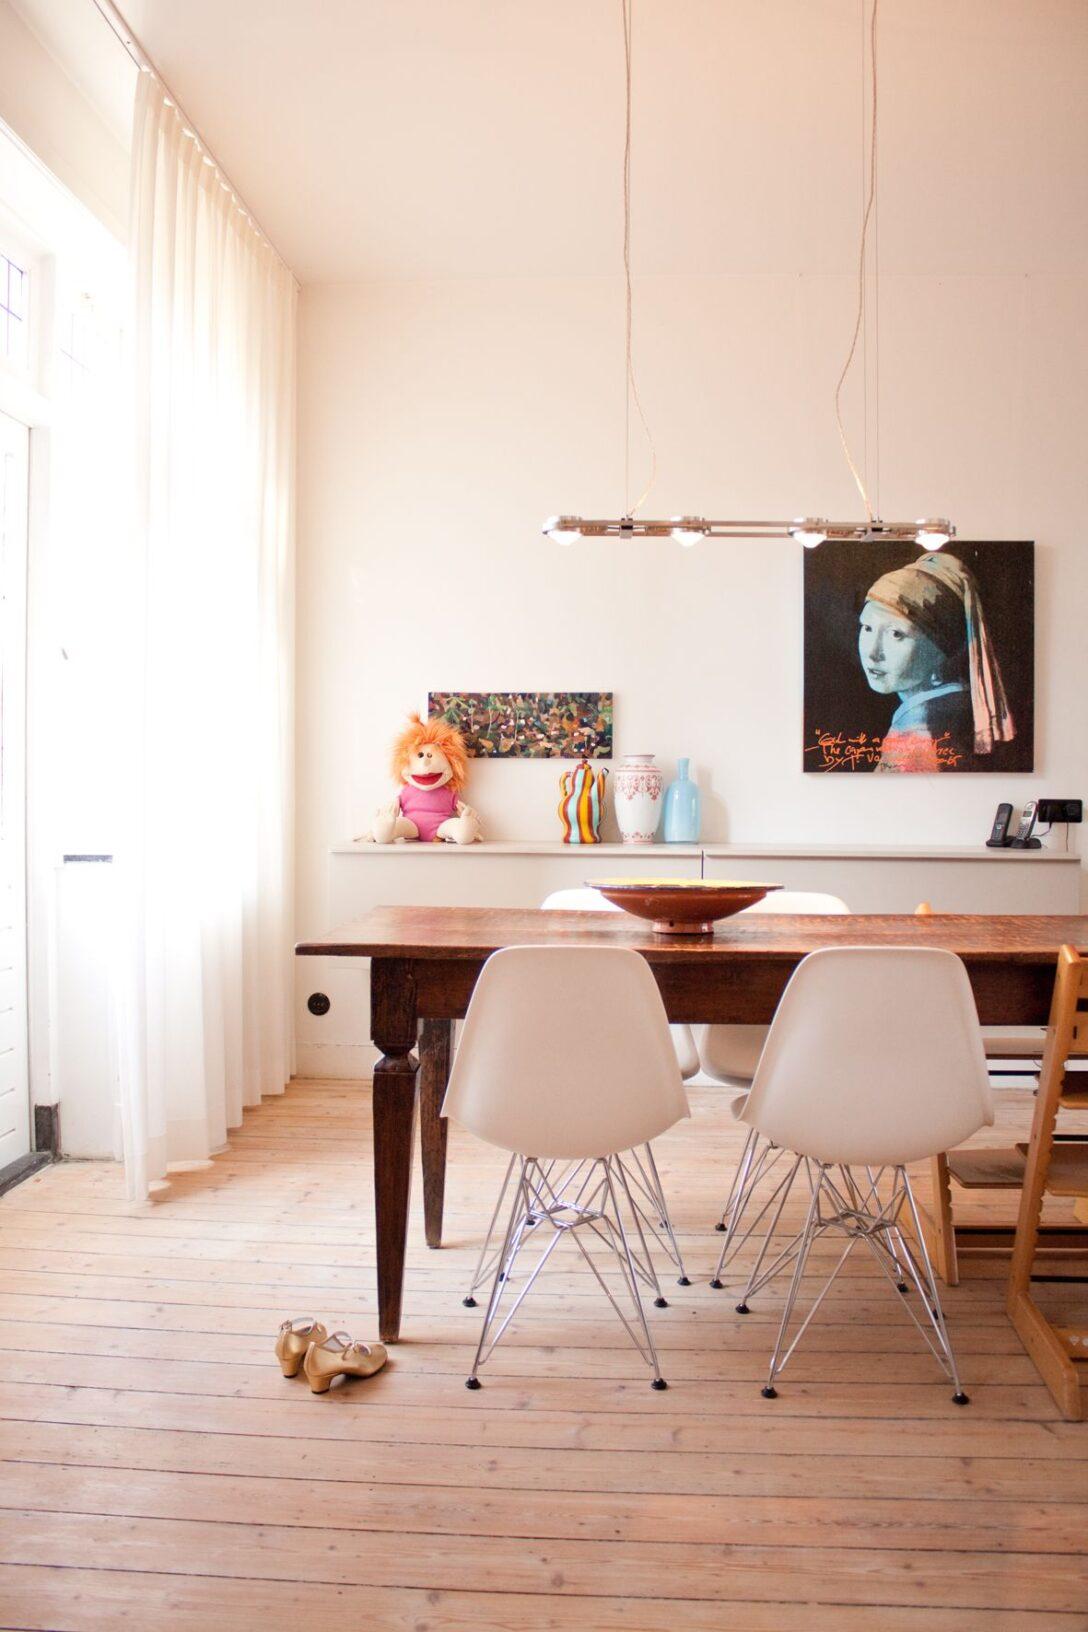 Large Size of Alter Esstisch Bett Mit Matratze Und Stühle Sofa Boxen Groß Buche Bettkasten Küche Elektrogeräten Hocker Weiß Schubladen 160 Ausziehbar Kaufen 160x200 Esstische Esstisch Mit Stühlen